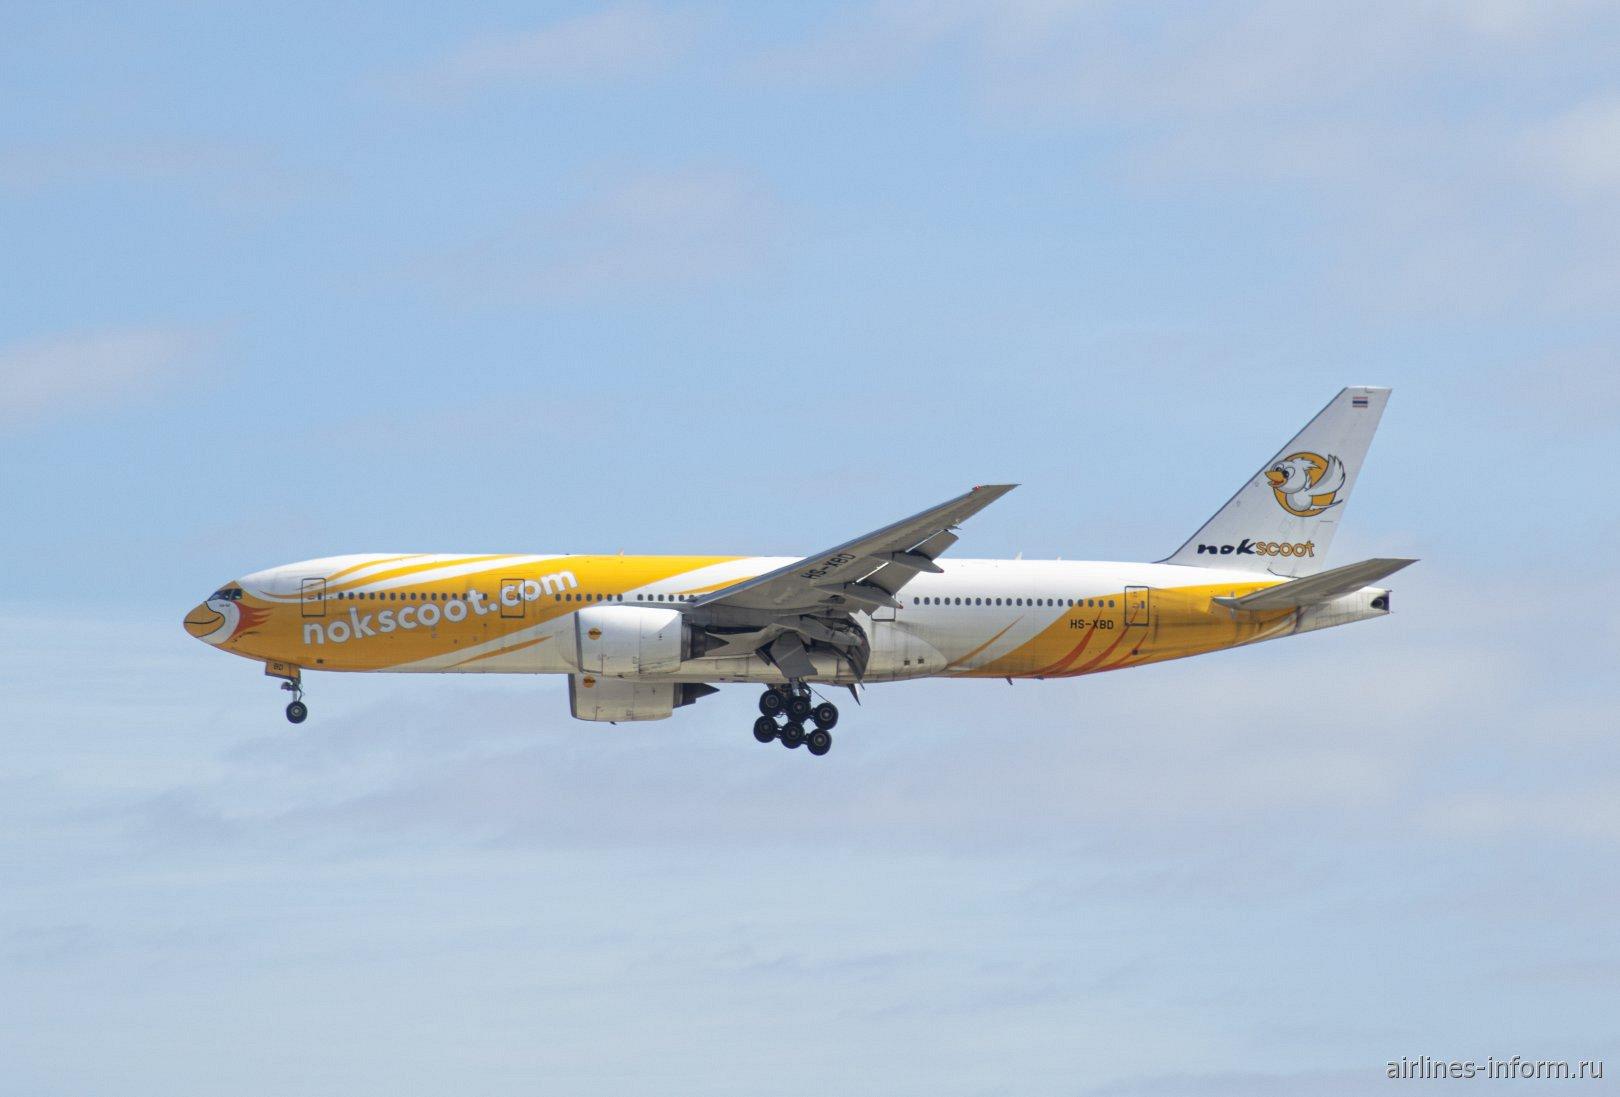 Самолет Боинг-777-200 авиакомпании NokScoot в аэропорту Токио Нарита